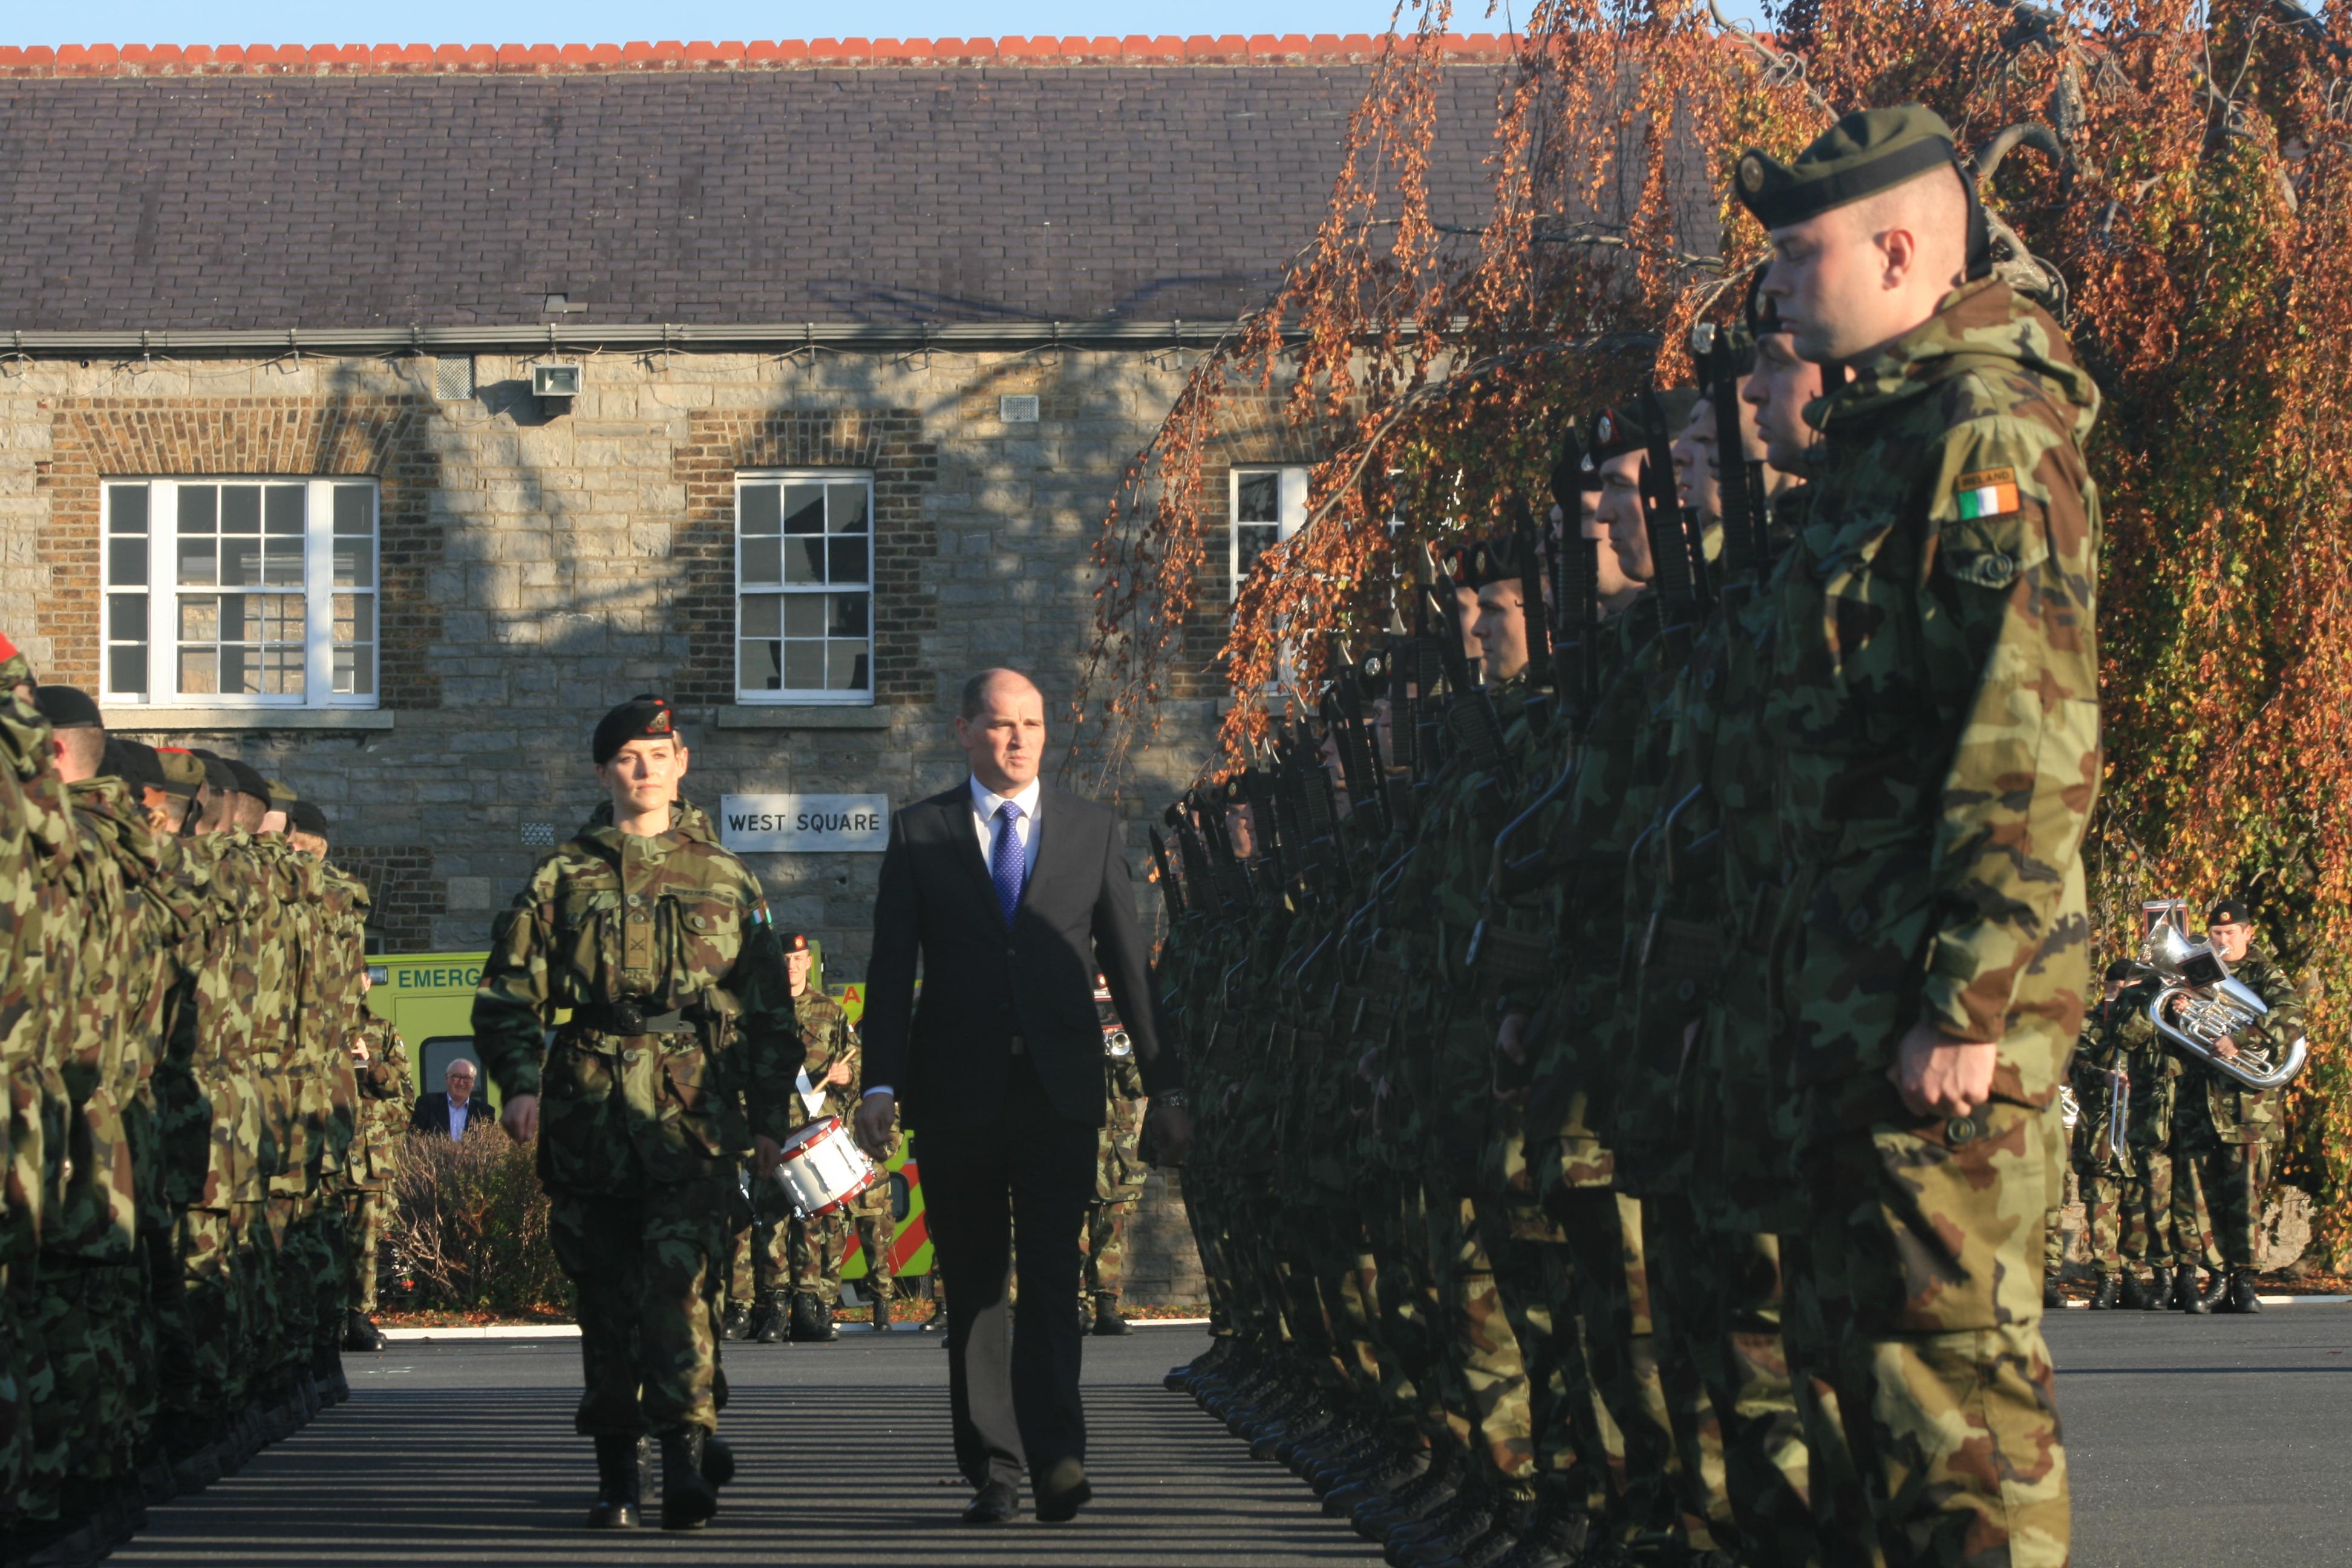 51st Infantry Group Minister & Cmt Flynn (IMG6843 JL)